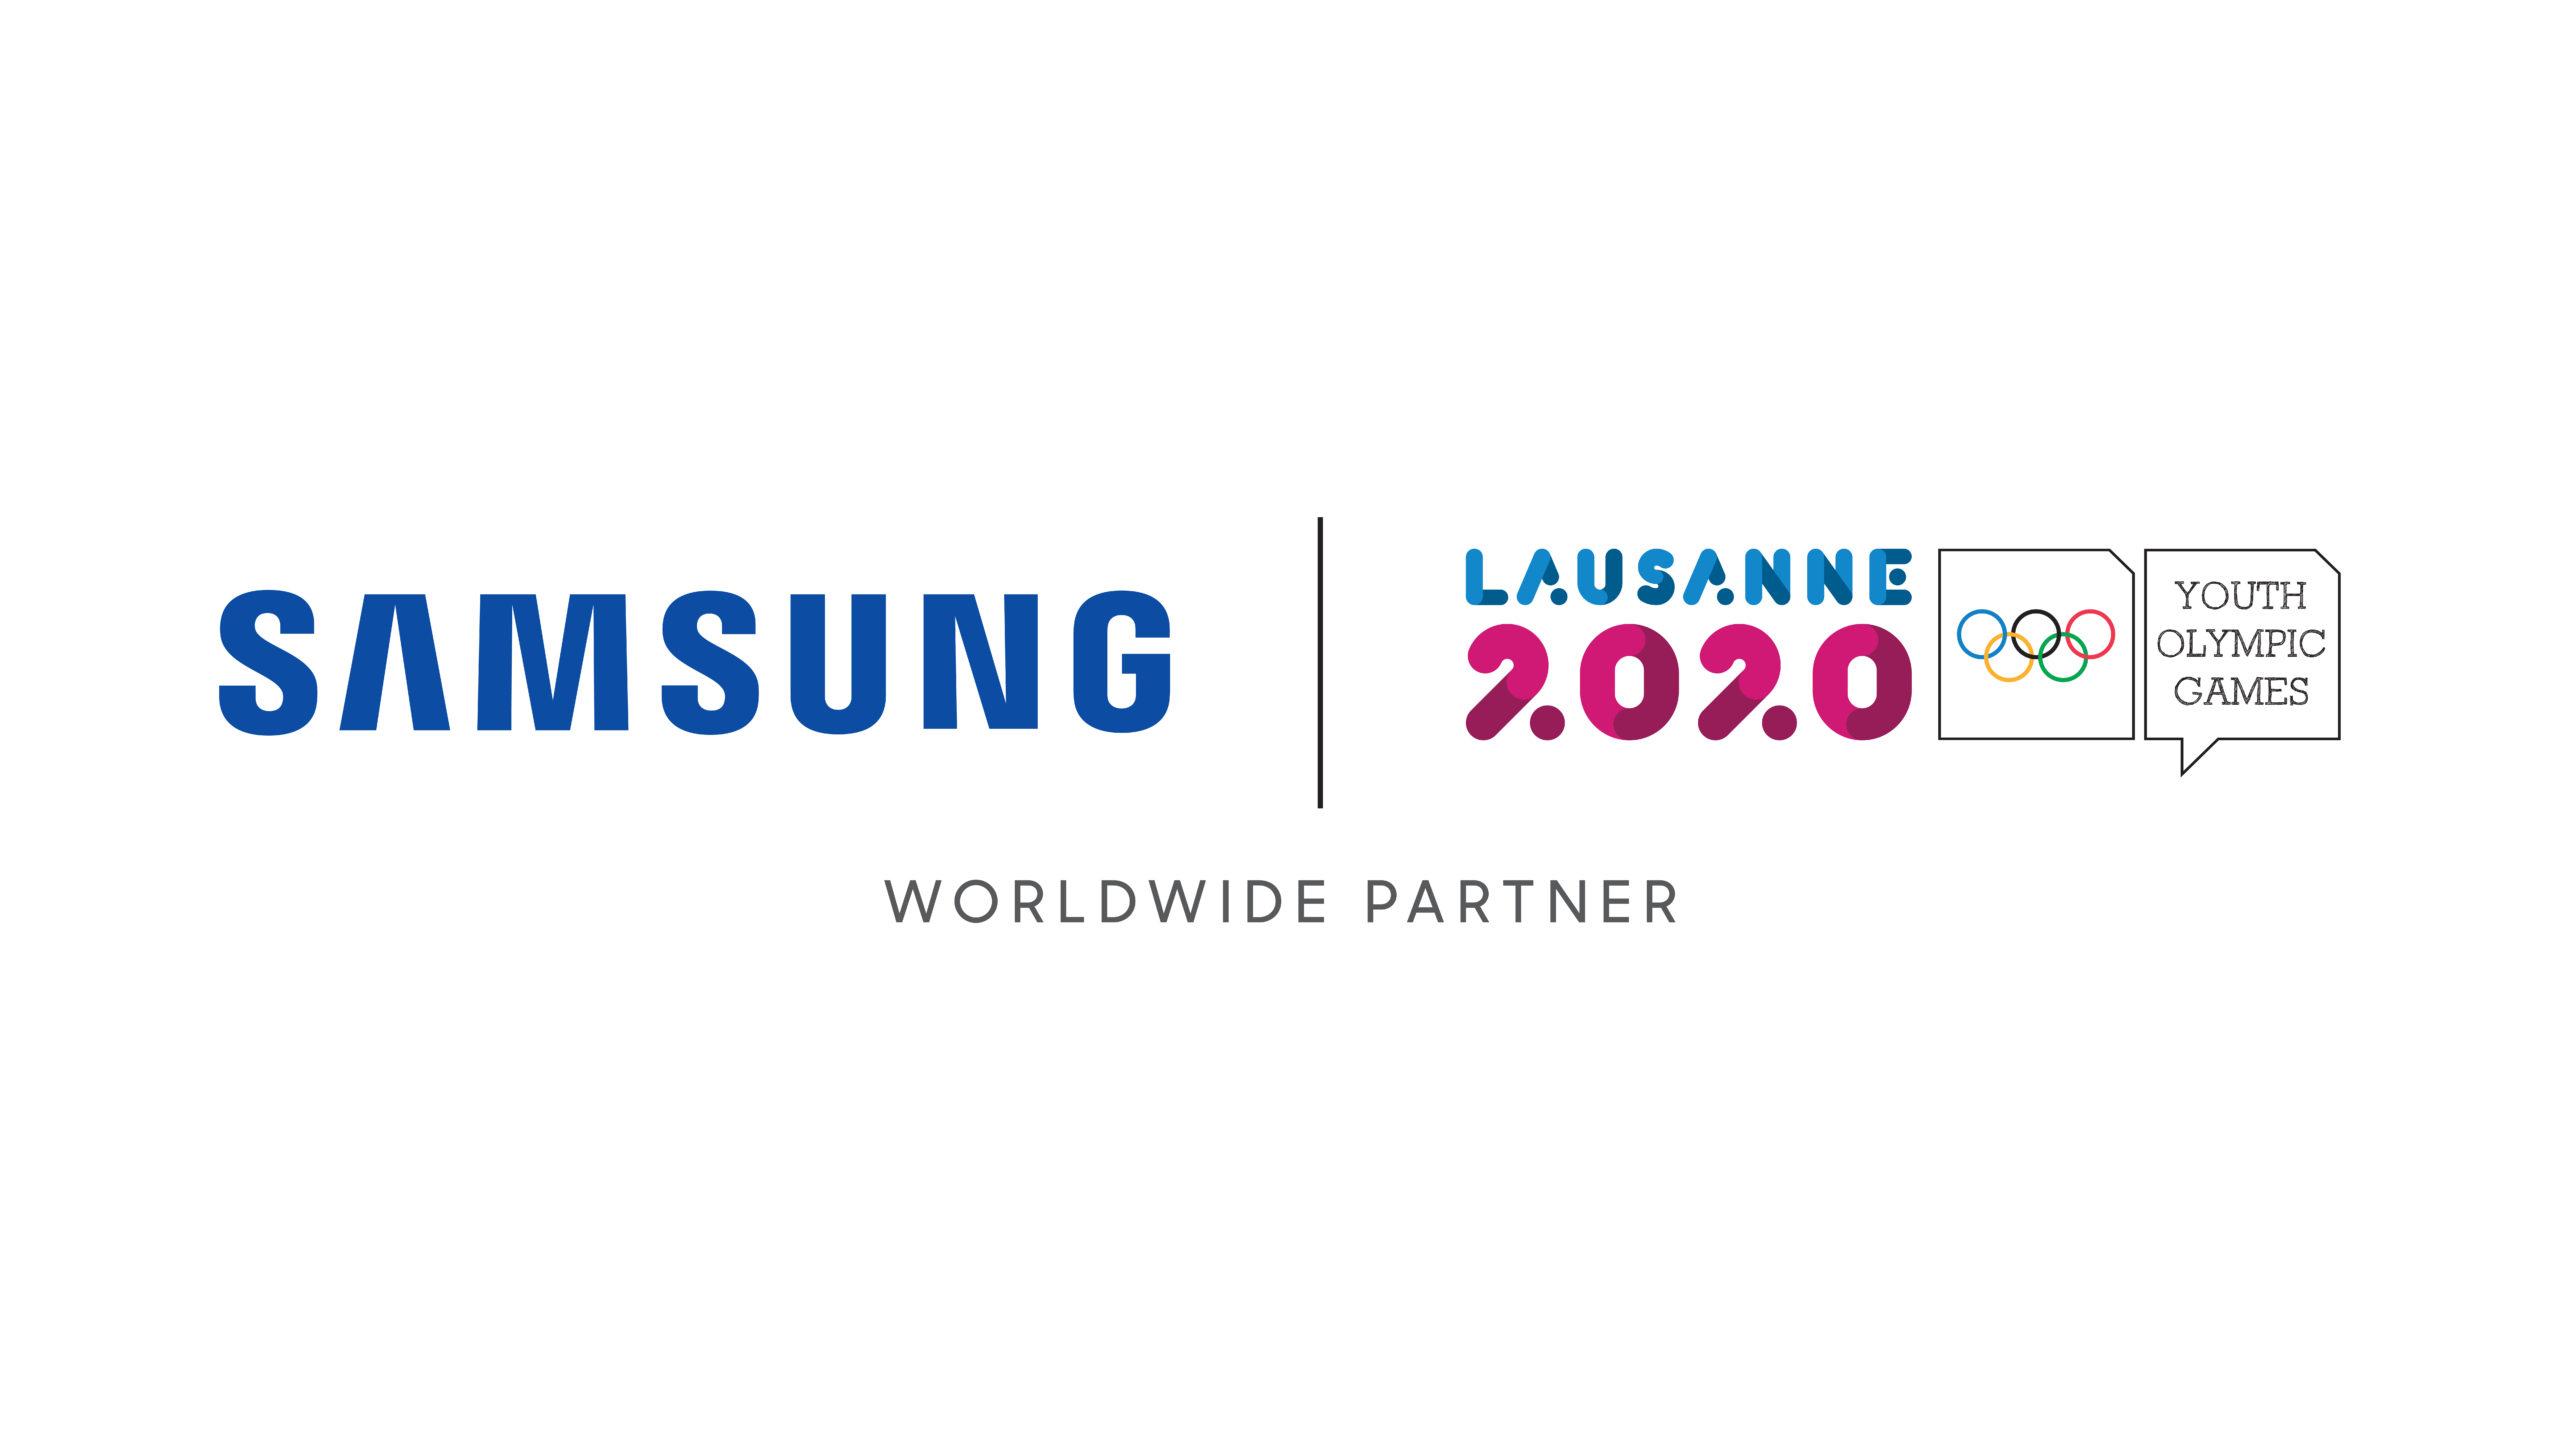 Samsung rinnova il suo impegno a favore del Movimento Olimpico e dei giovani atleti a Losanna 2020